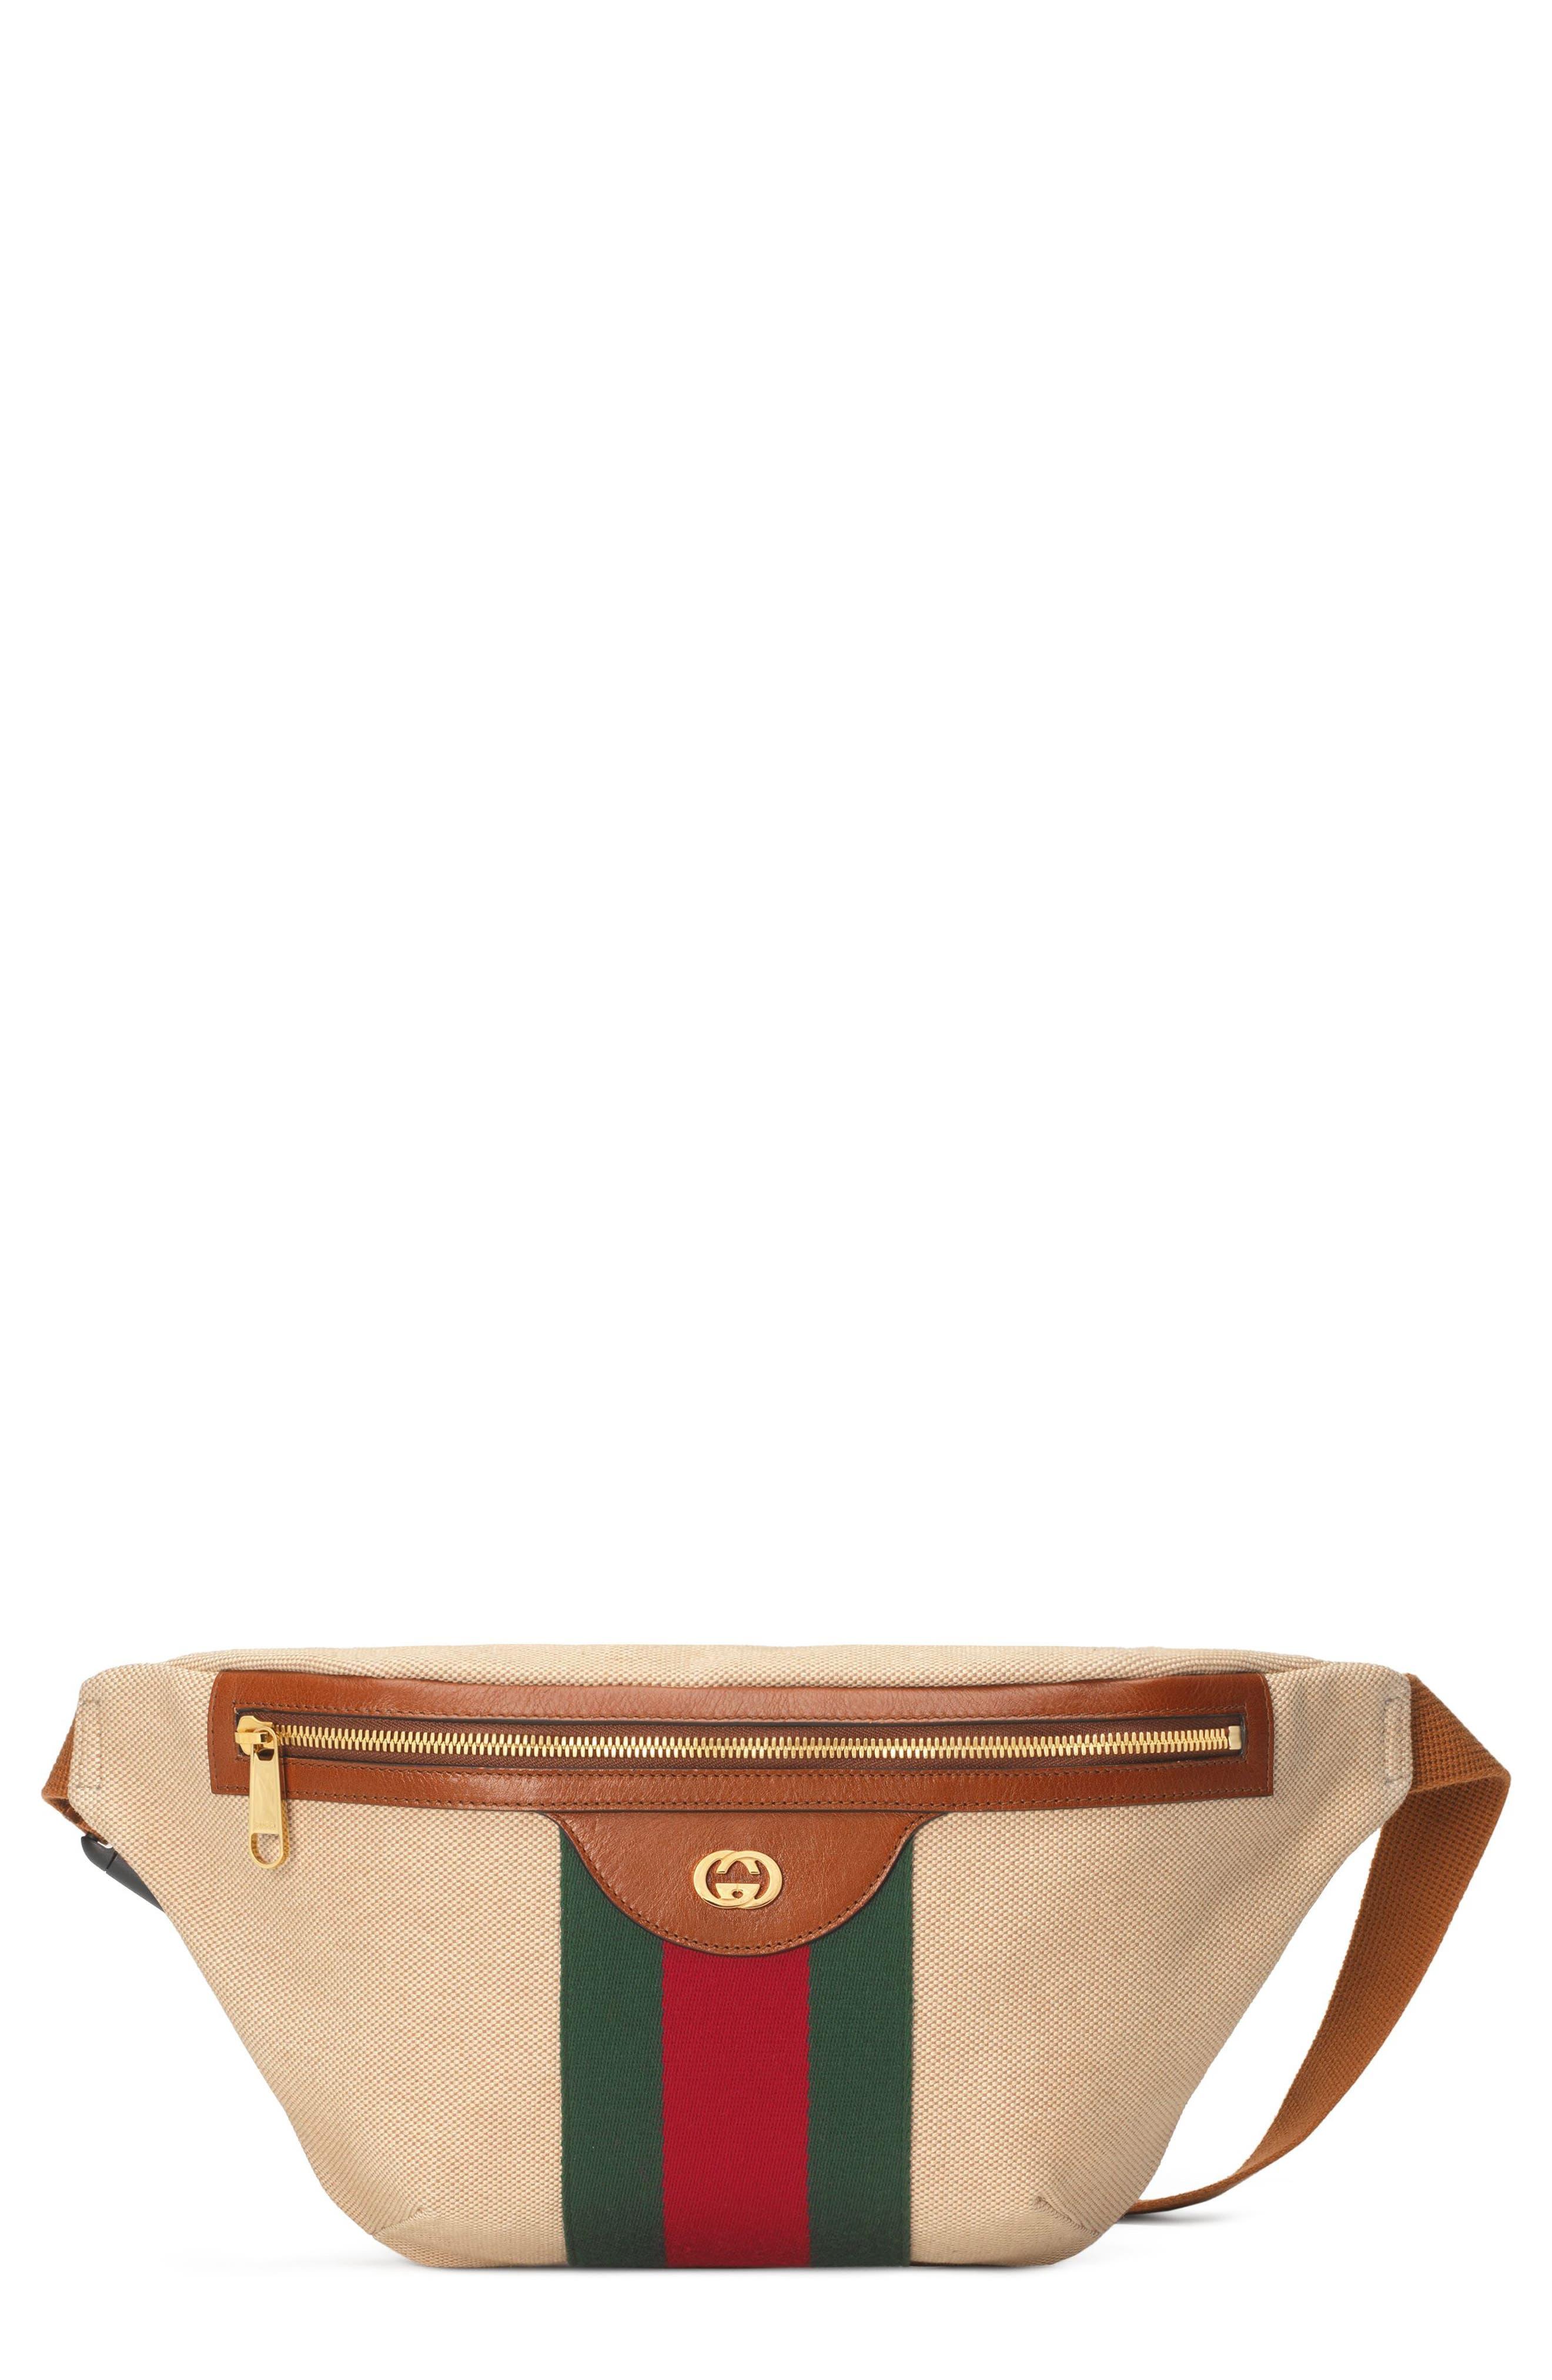 2e3ca07c5 Gucci Belt Bags & Fanny Packs | Nordstrom